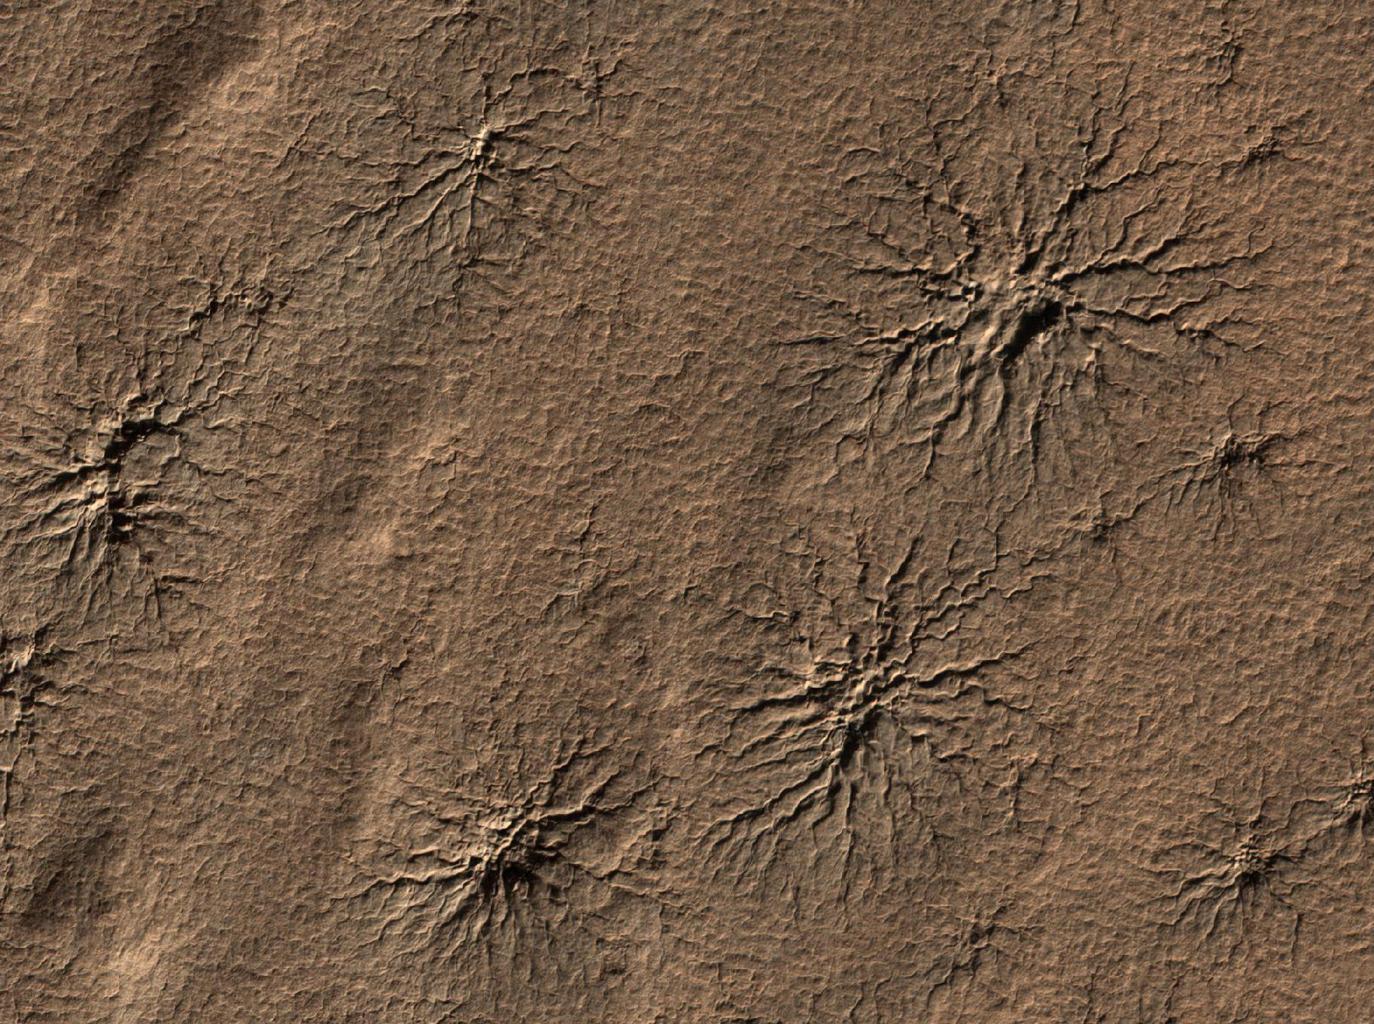 Любители астрономии помогли ученым изучить «пауков» на Южном полюсе Марса - 2